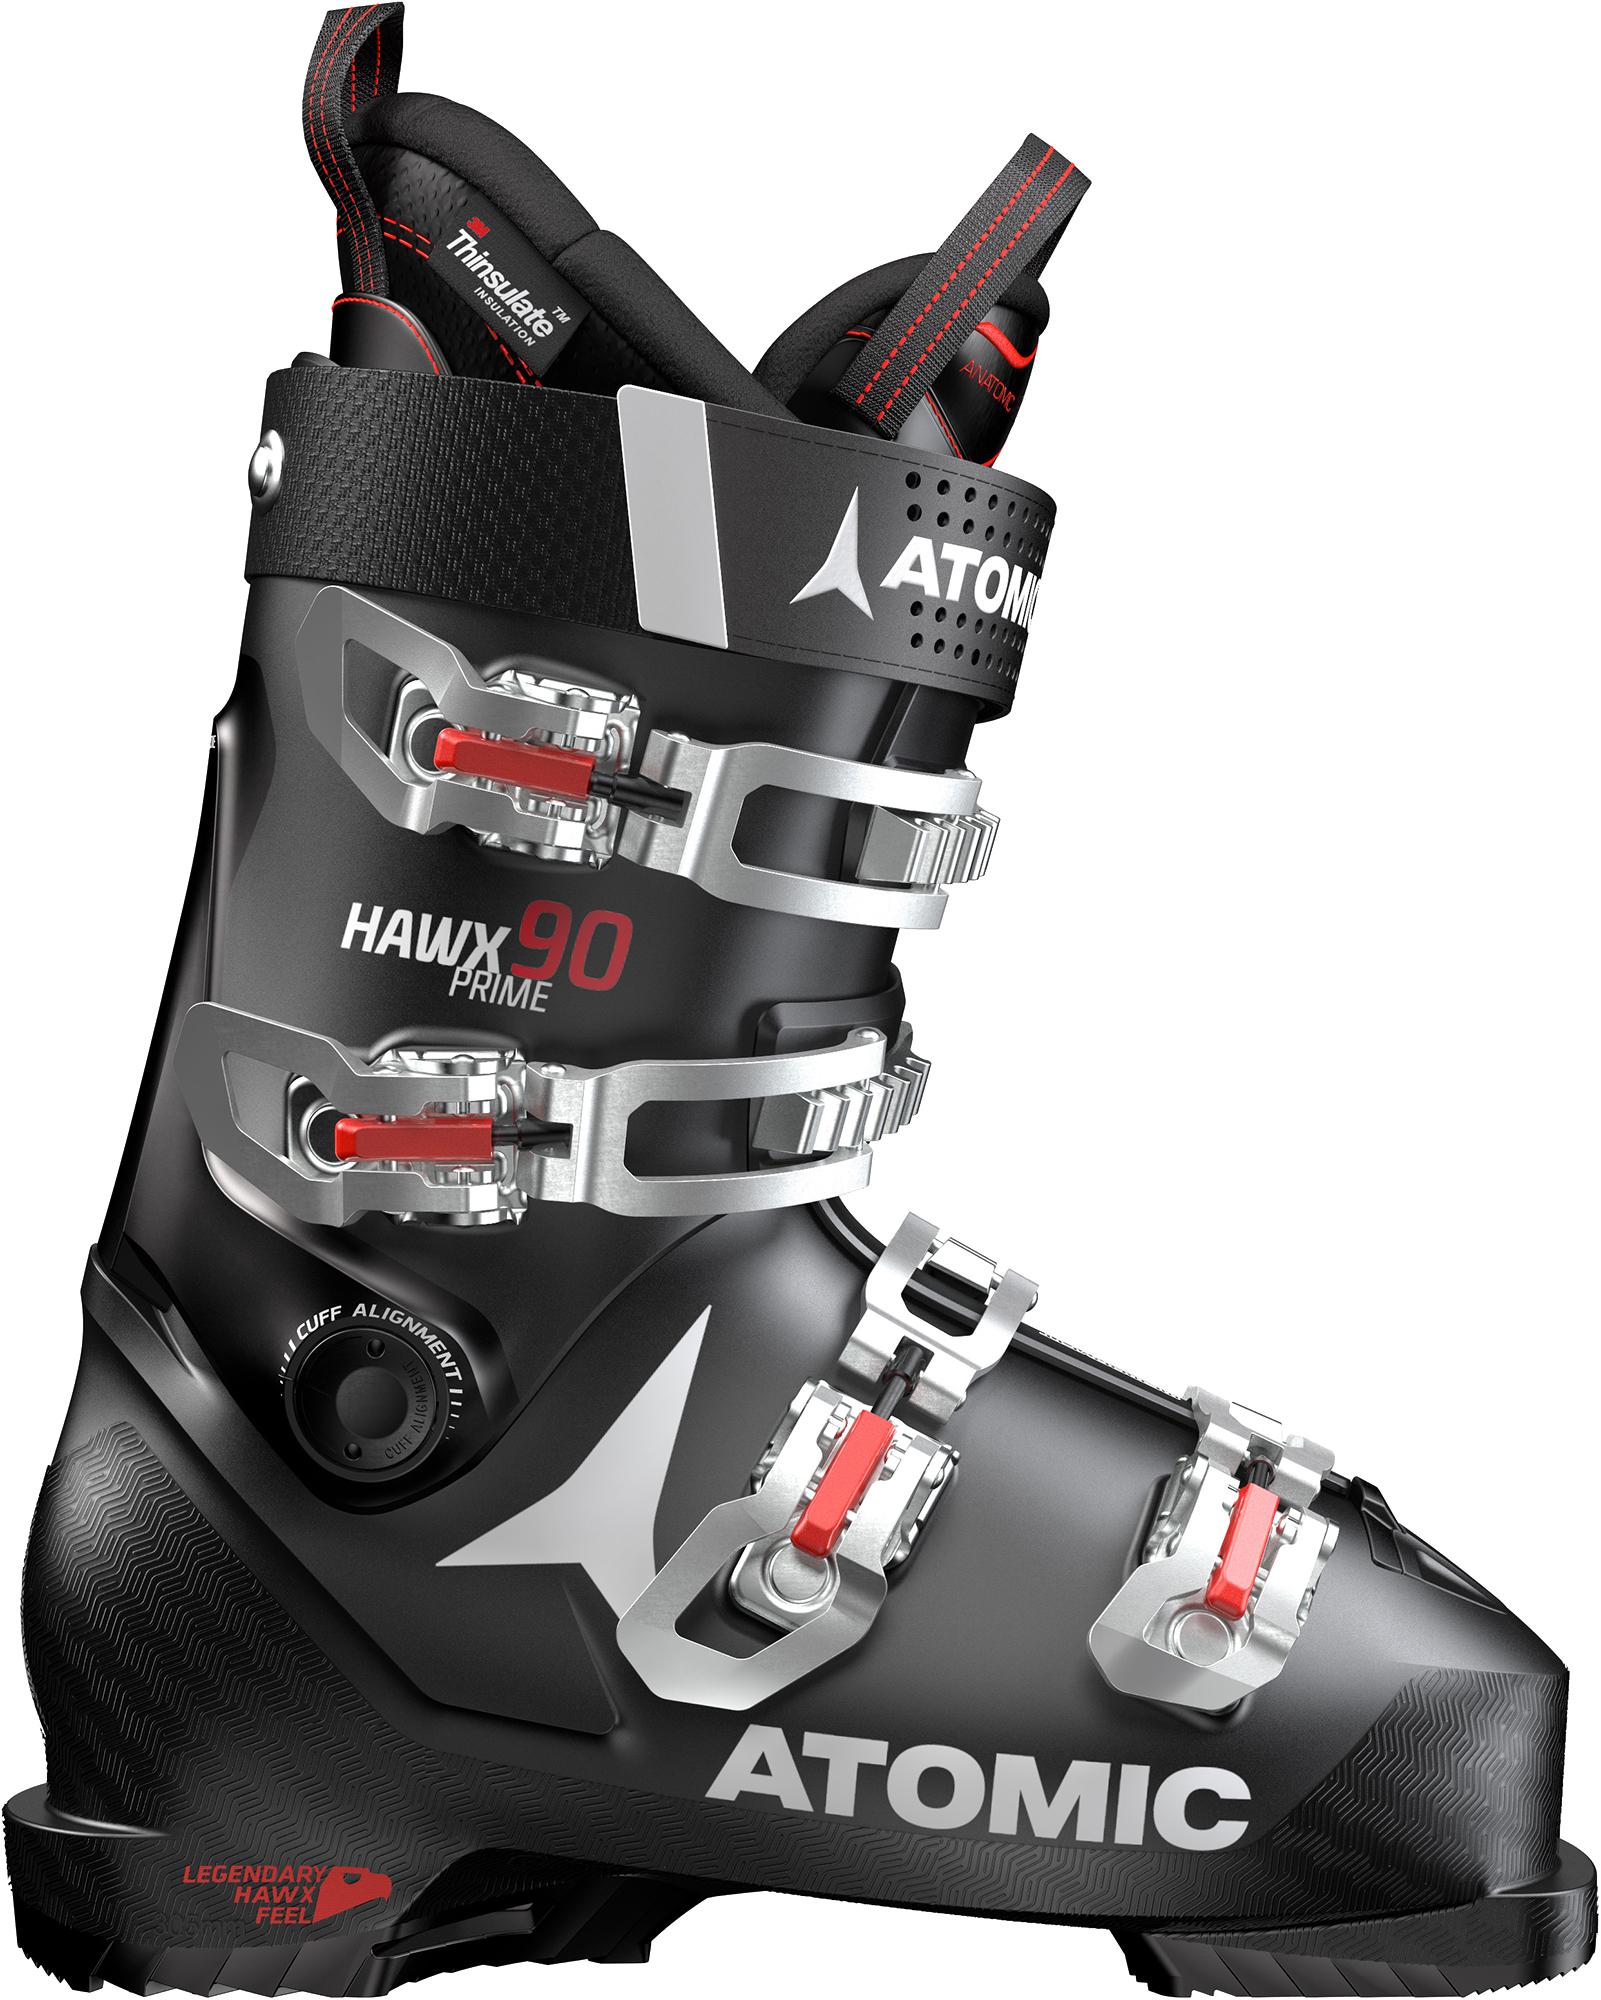 Atomic Ботинки горнолыжные Atomic Hawx Prime 90, размер 46 atomic ботинки горнолыжные atomic live fit 100 размер 46